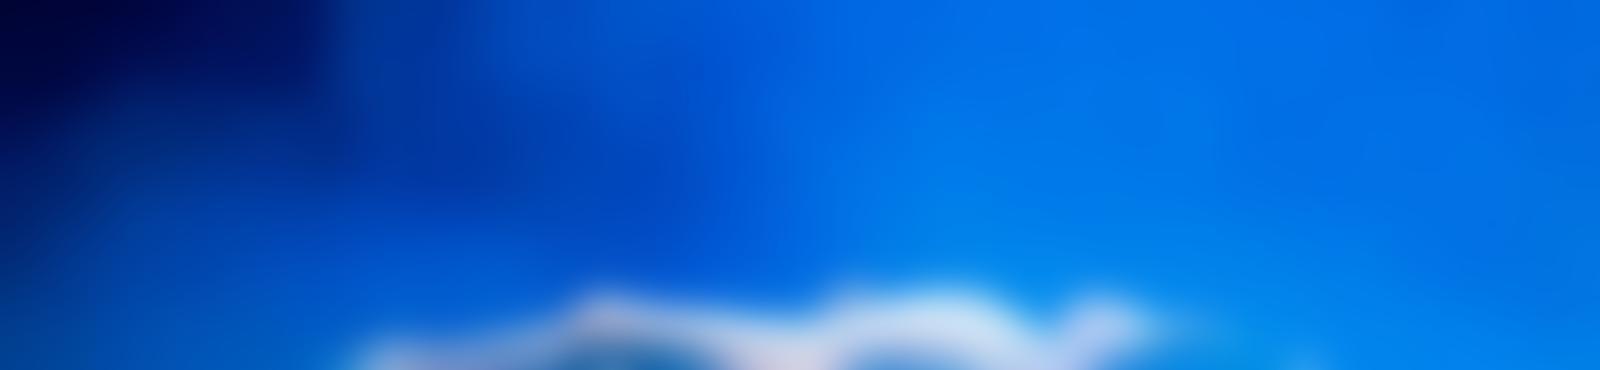 Blurred 2af1c161 29a1 4ee0 b3b3 0bc181d84208